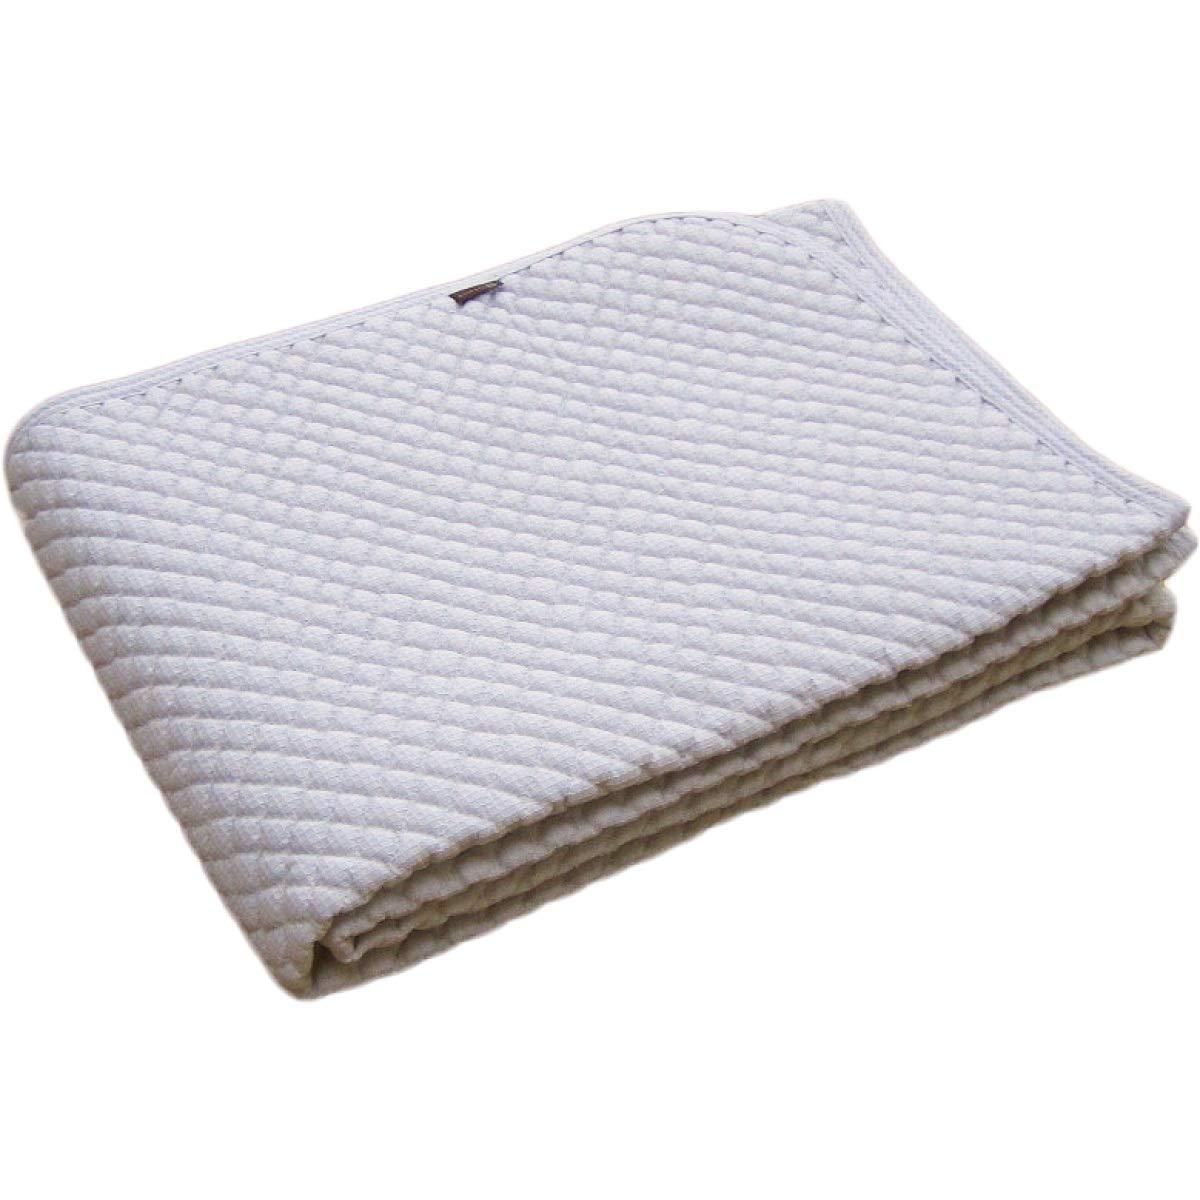 綿100% ポコポコ敷きパッド ダブル 145×205cm 日本製 スマイル敷きパッド ブルー B07SJ3V1KF ブルー